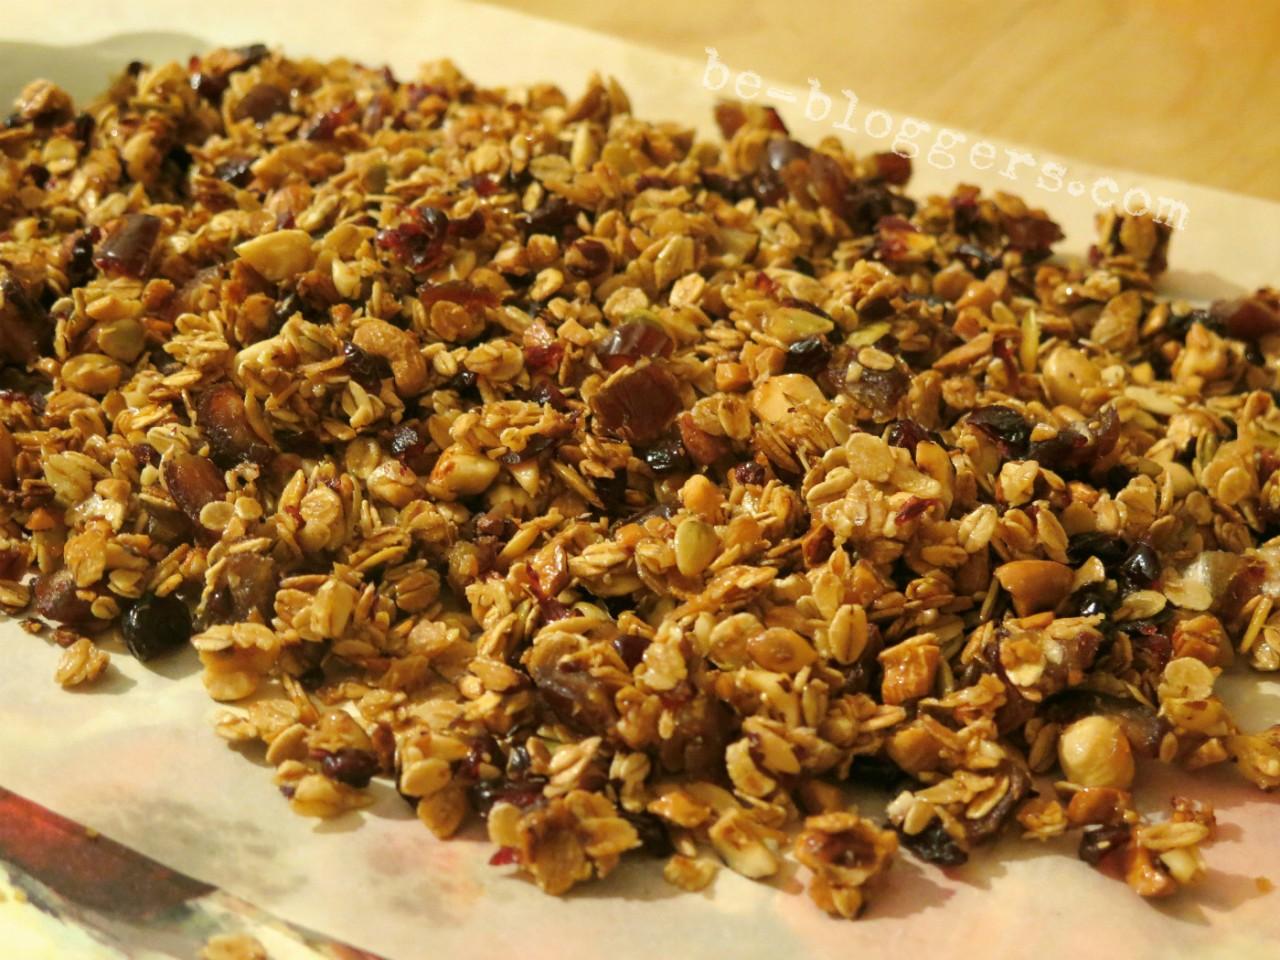 Гранола — что это такое, полезные свойства и как готовить в домашних условиях по рецептам с фото